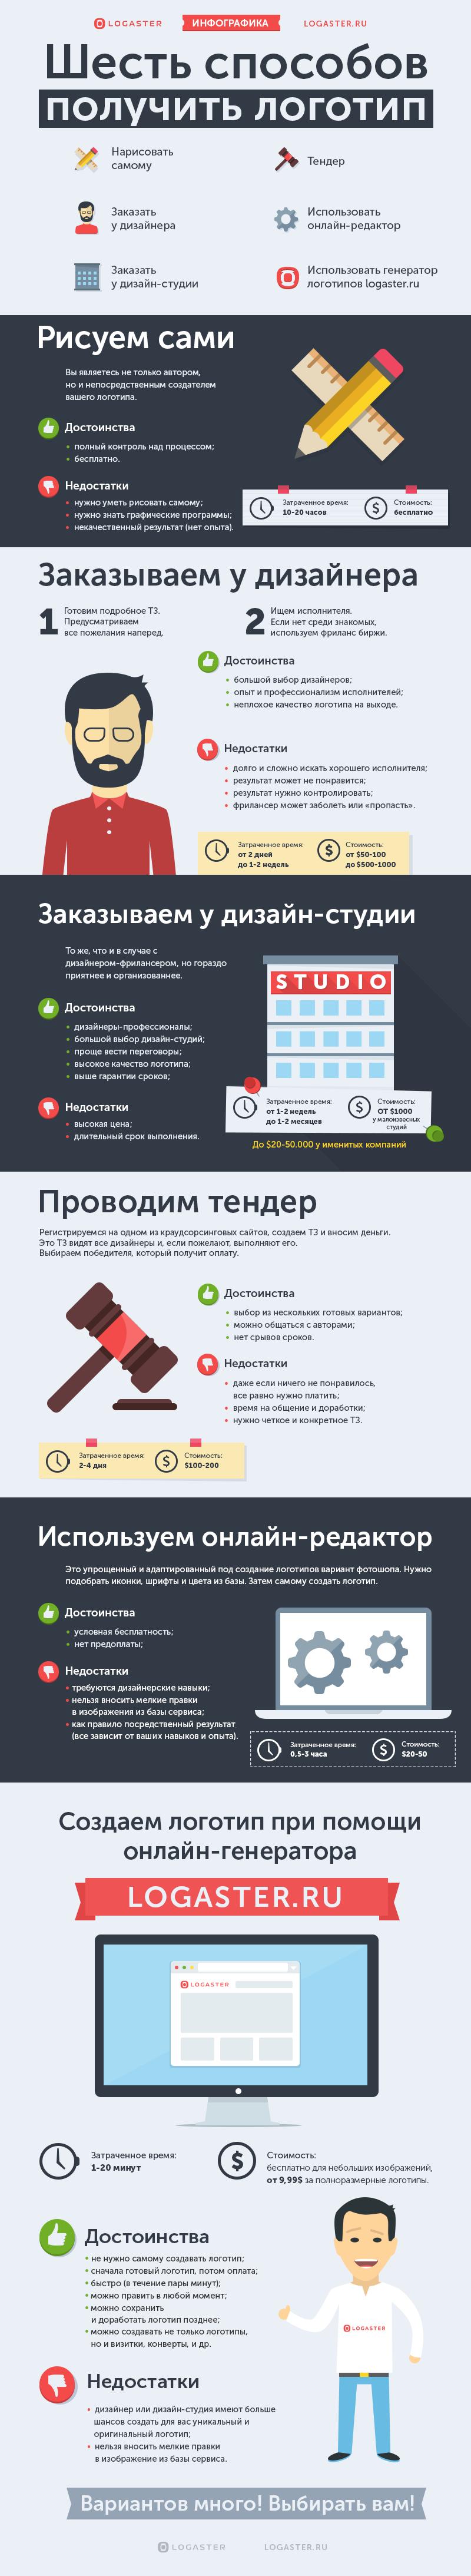 инфографика - 6 способов получить логотип